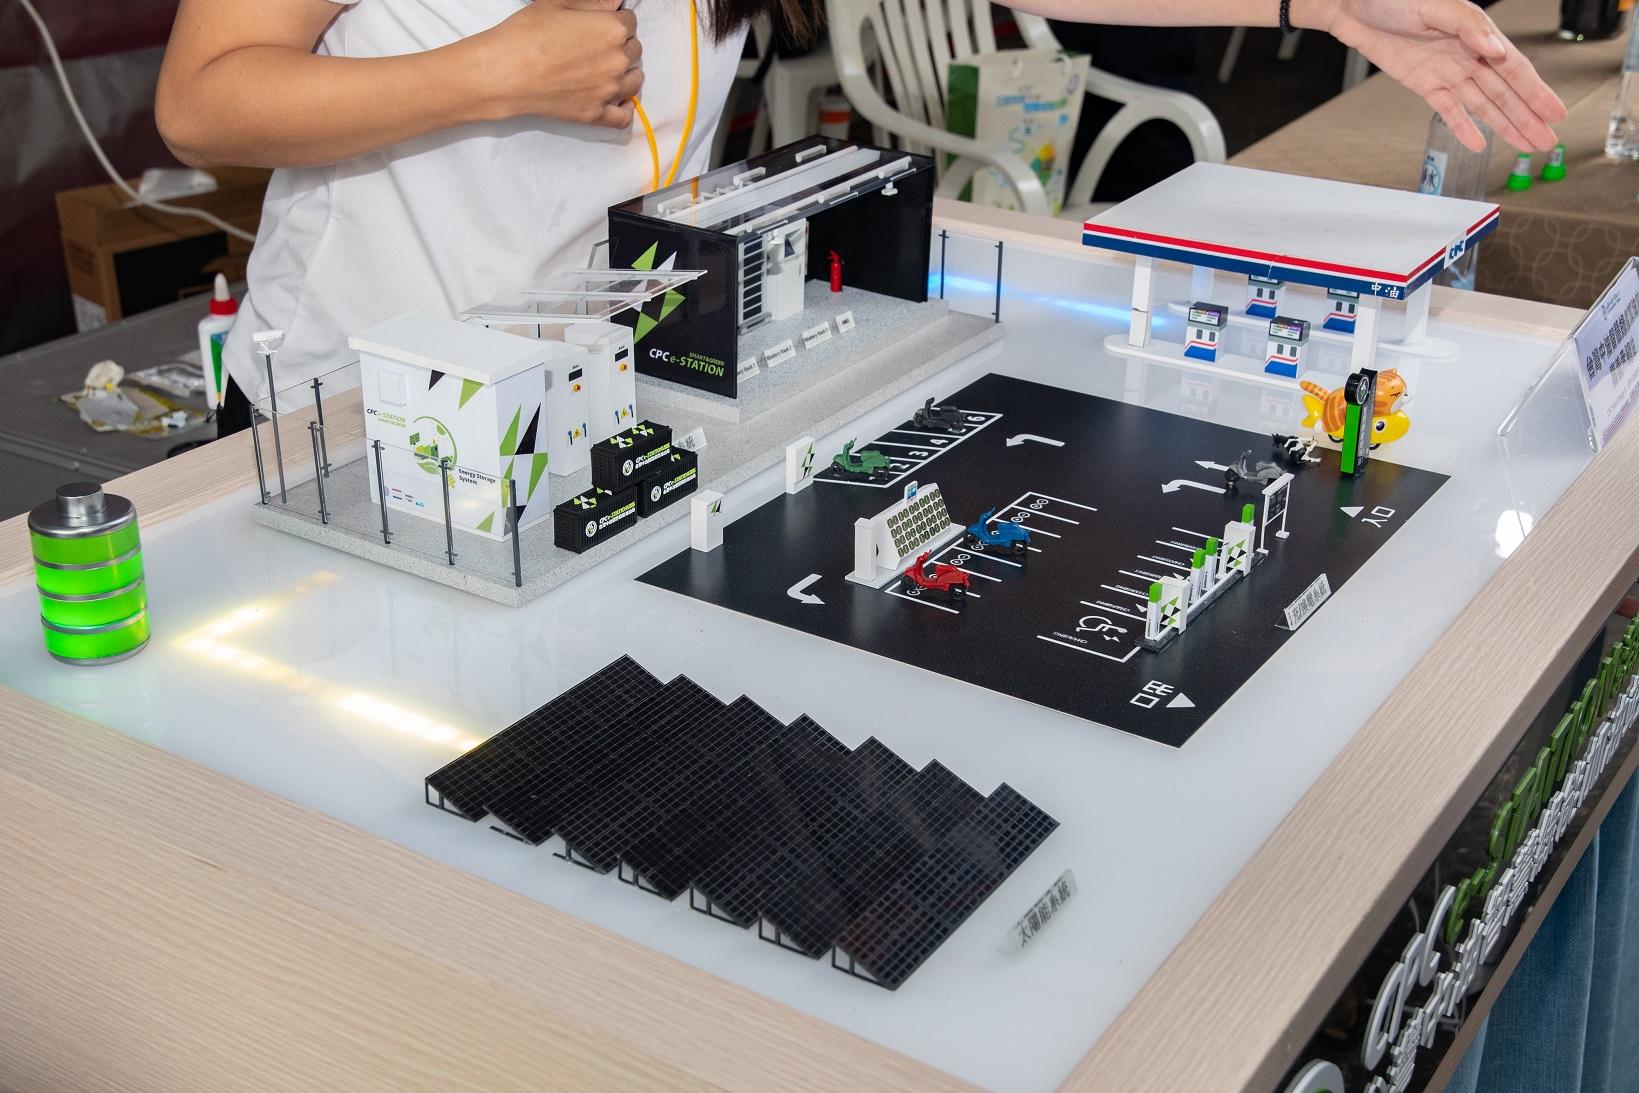 台灣中油智慧綠能加油站示範站模型圖。